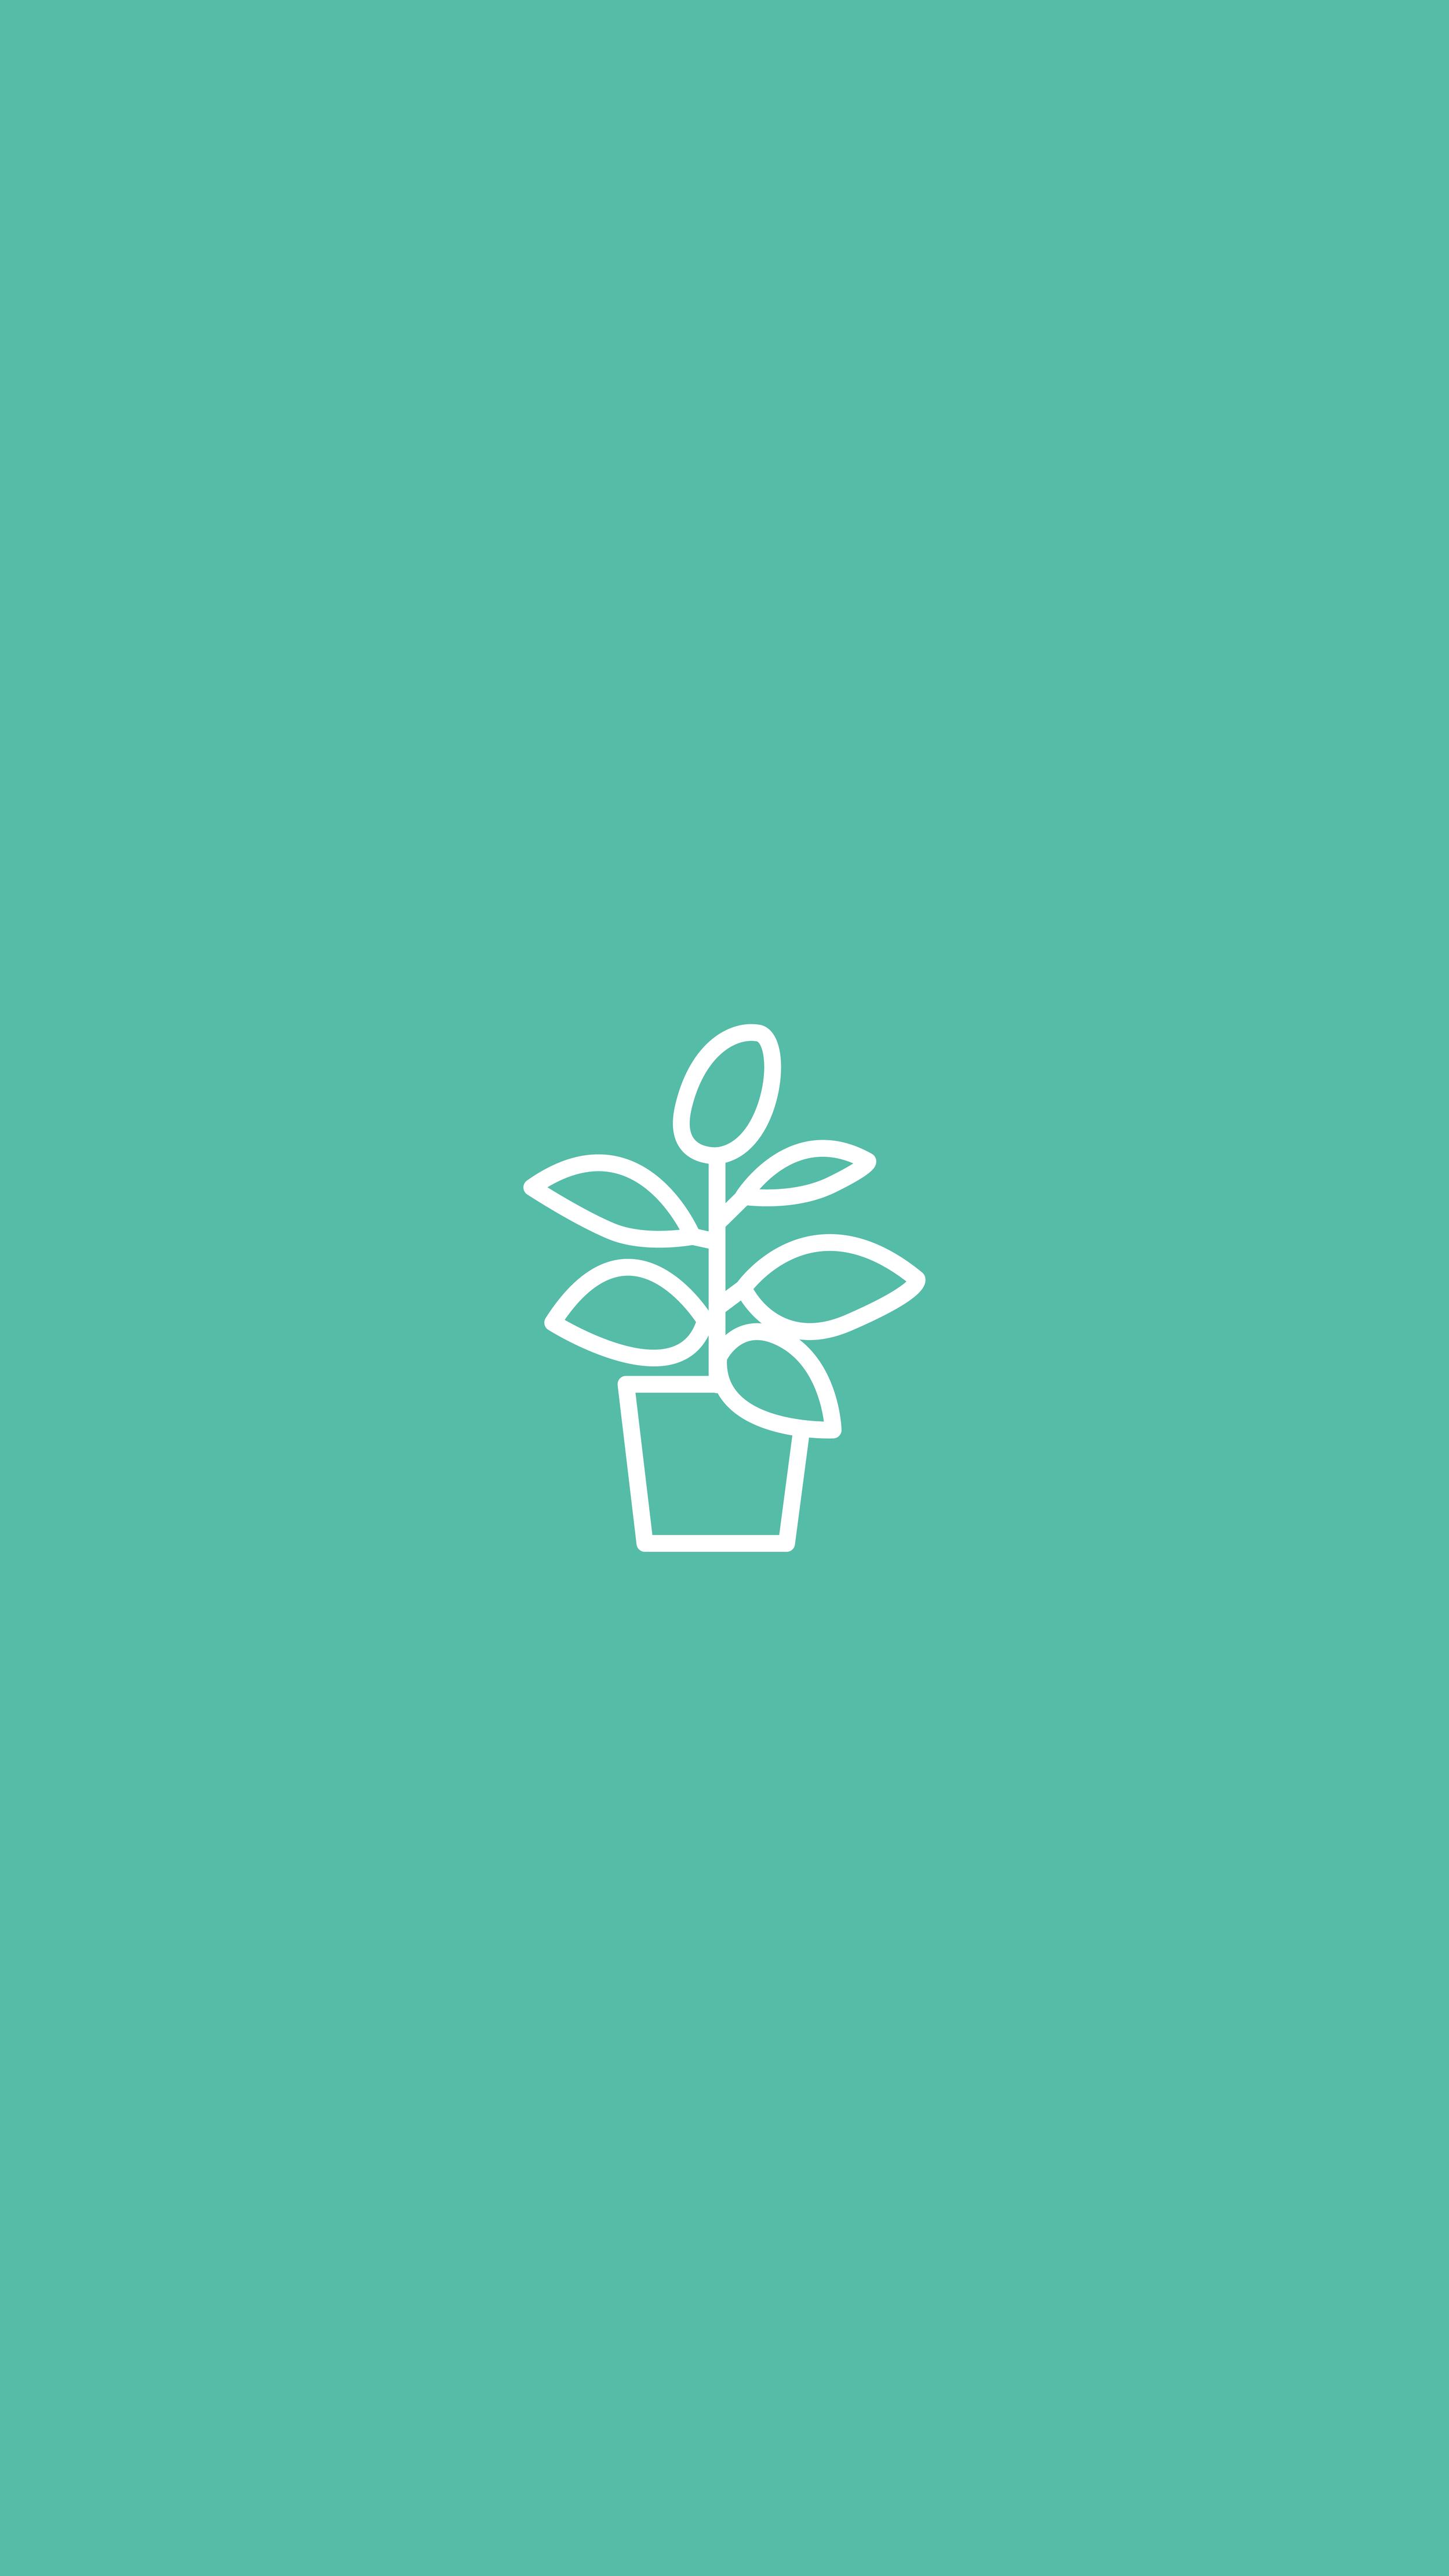 Rubber Plant, House Plant, Plant